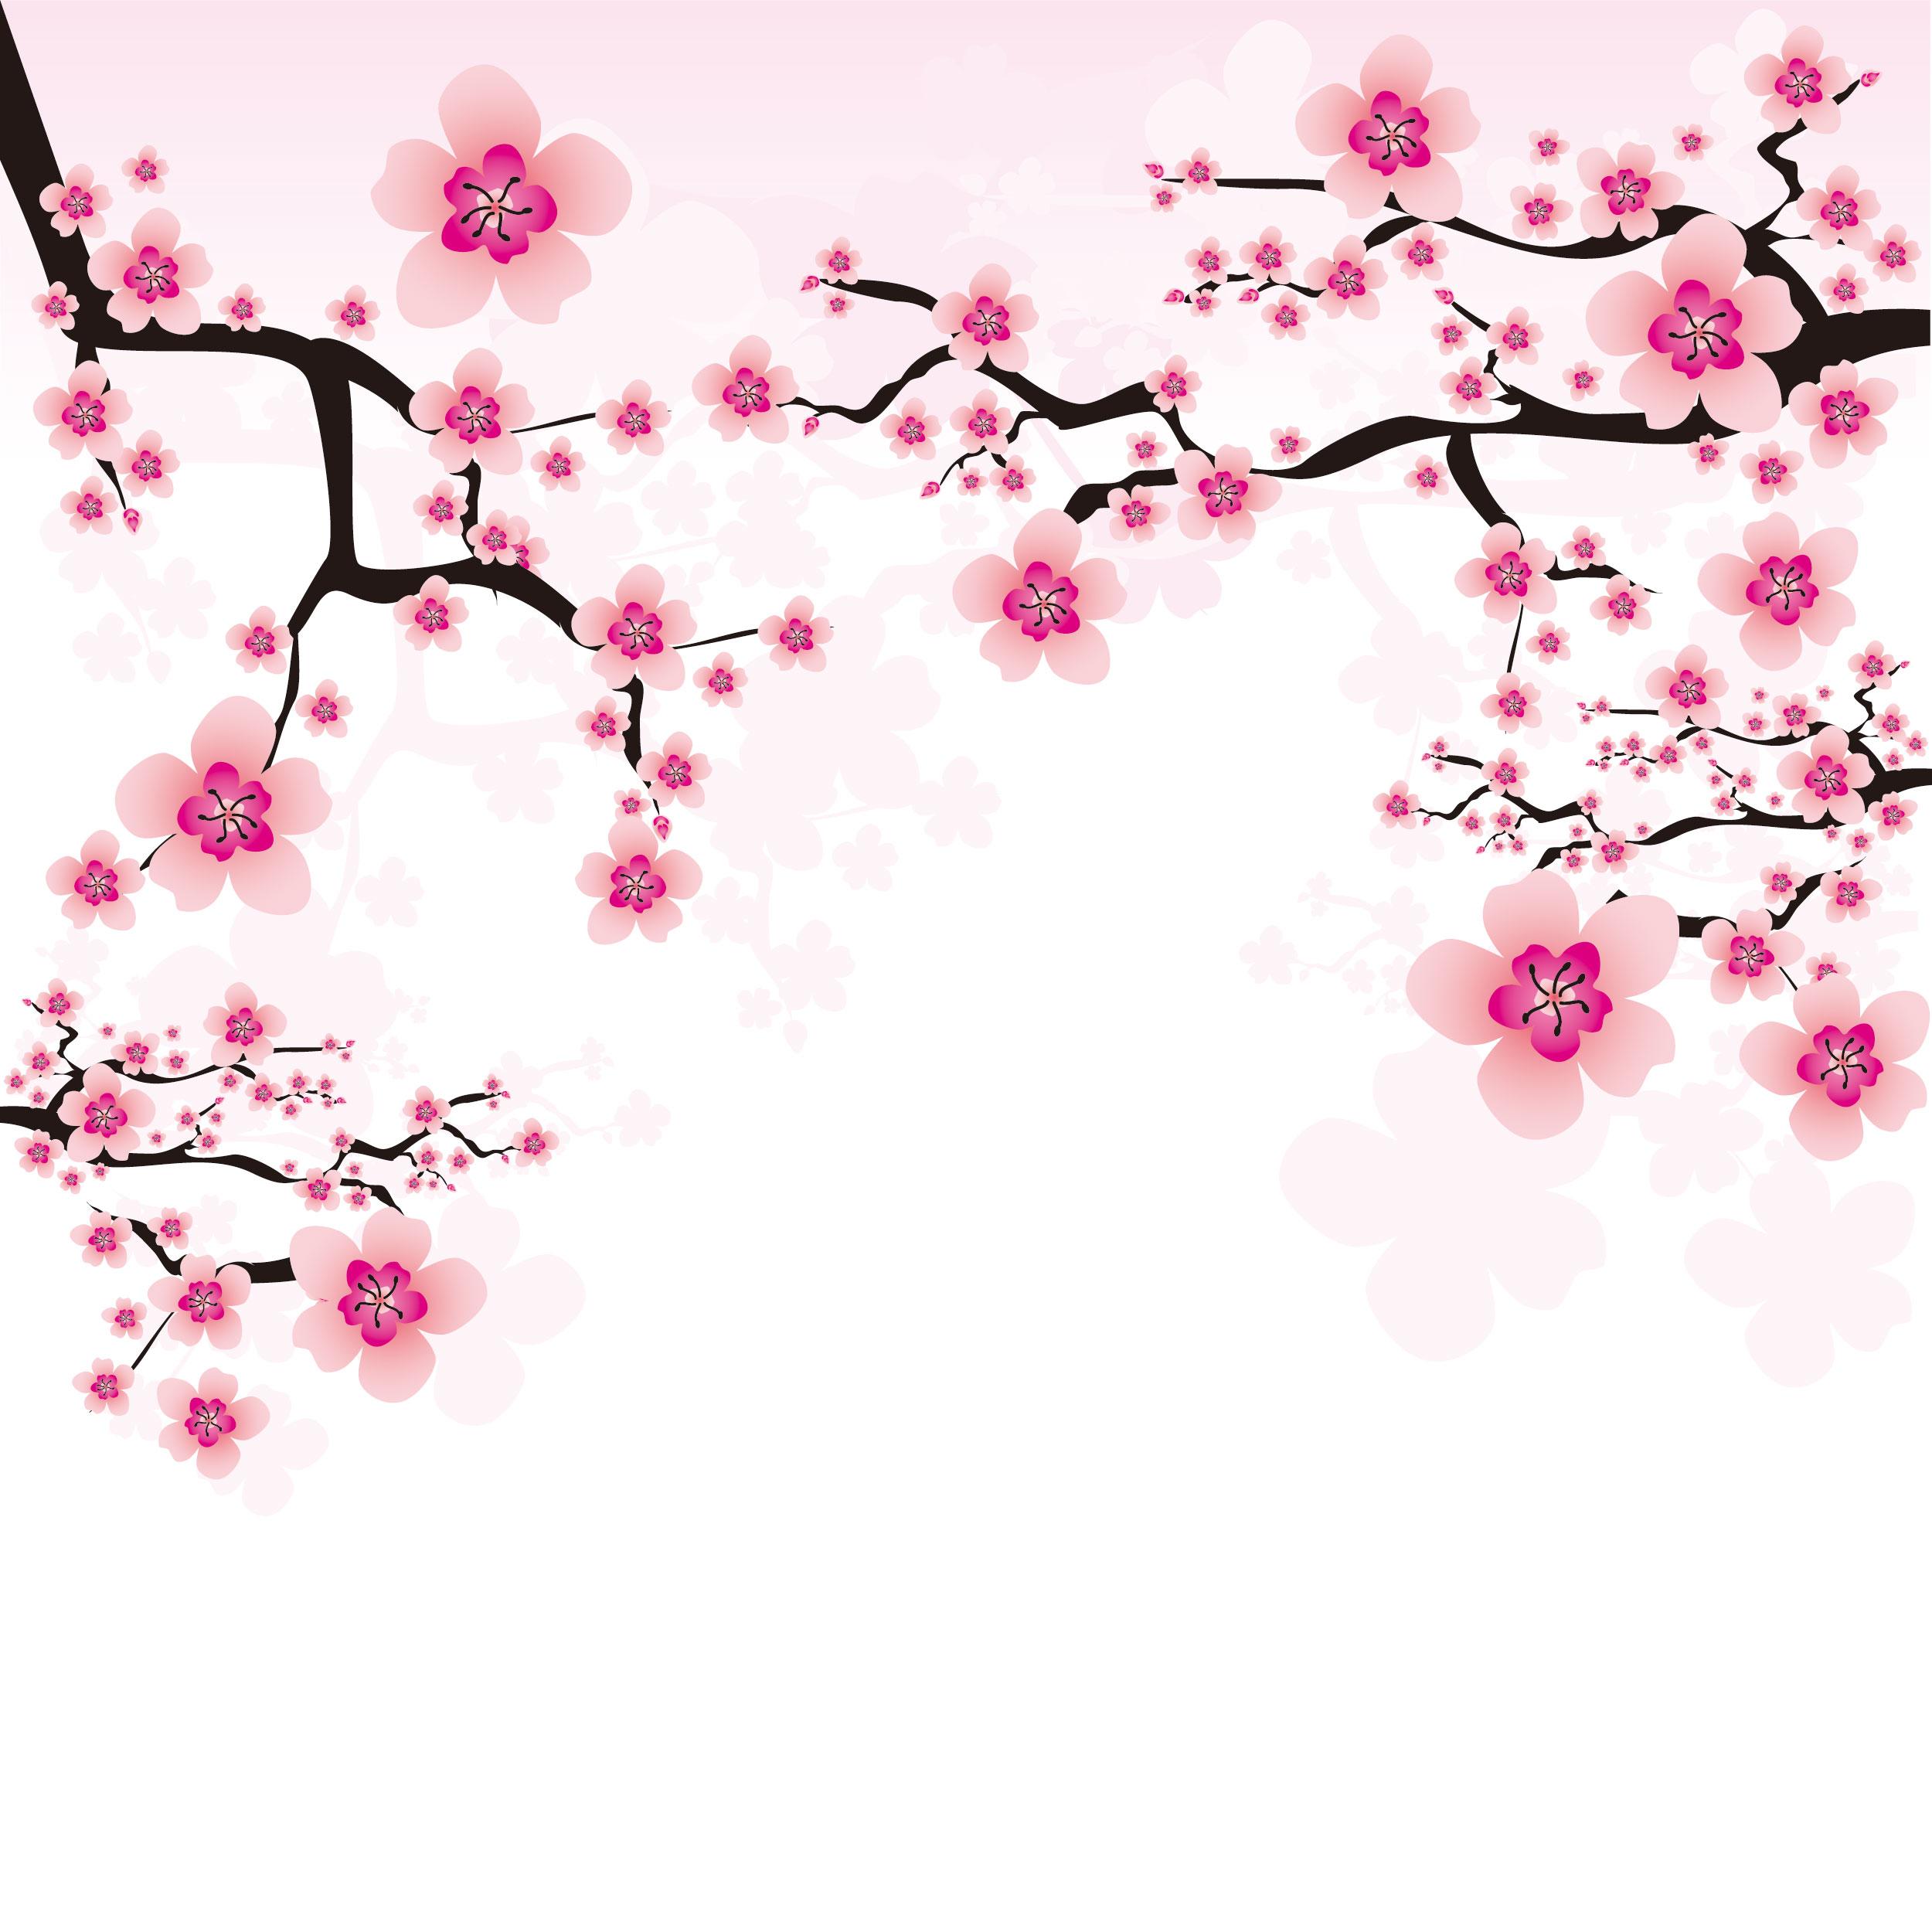 冬の花のイラスト・画像/無料のフリー素材集【百花繚乱】